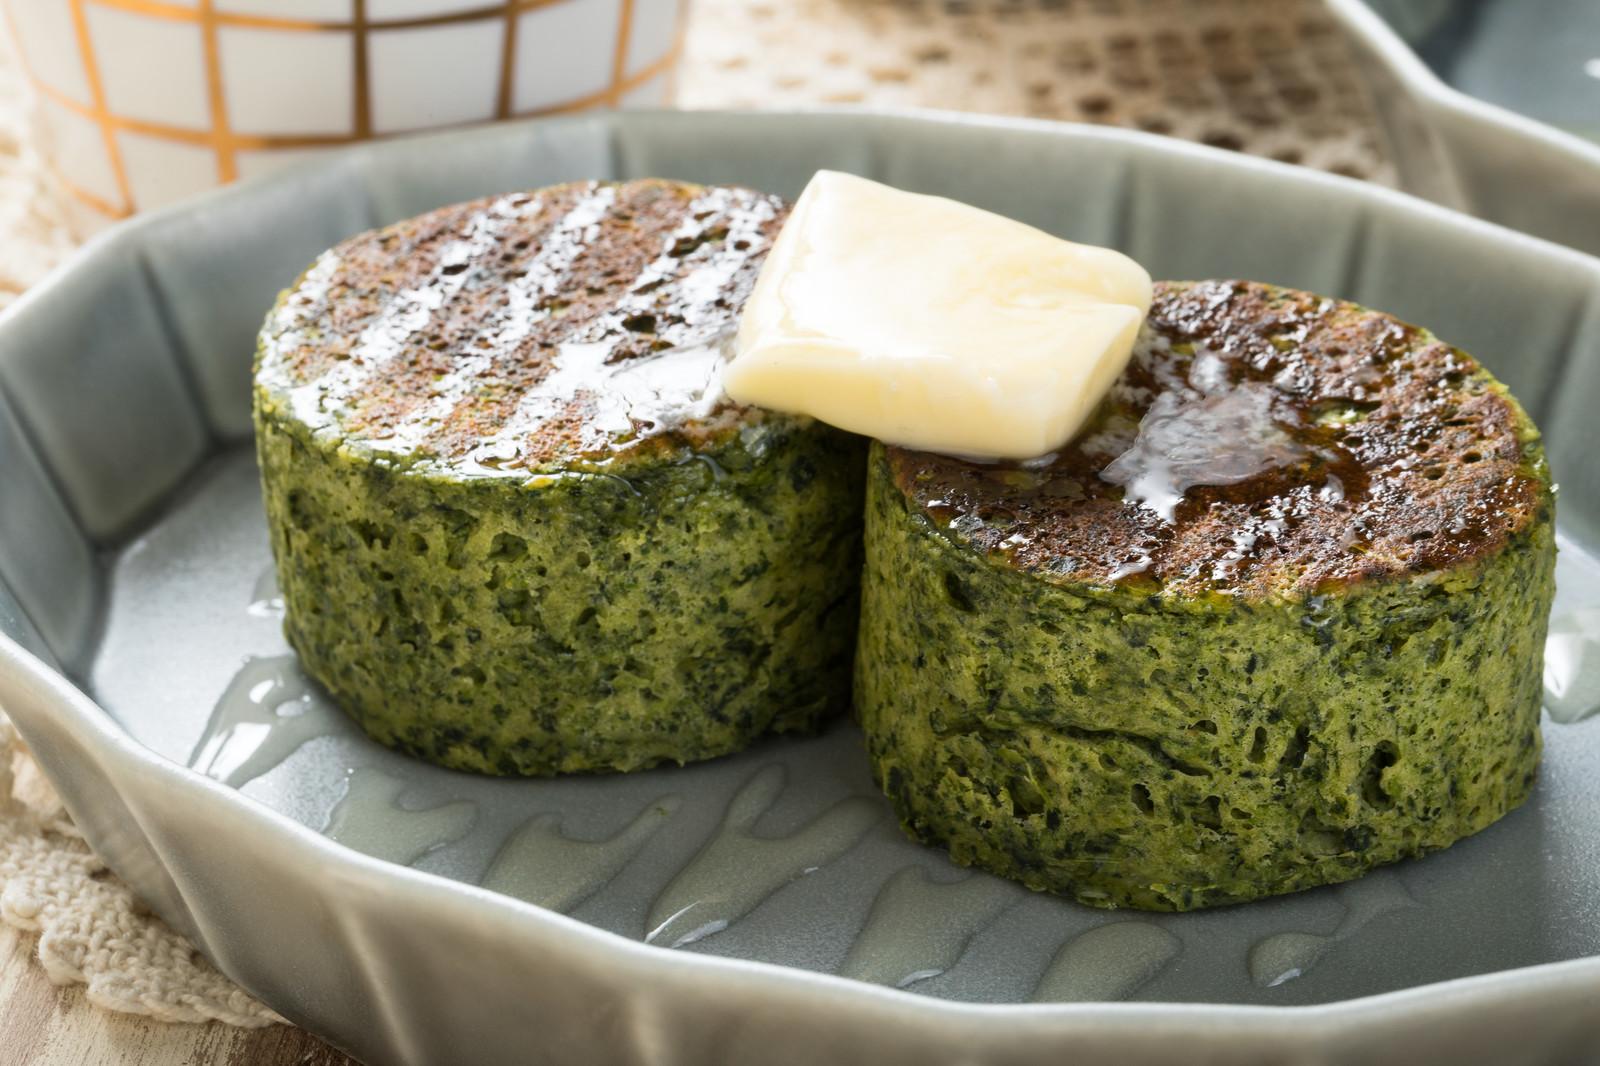 中野でパンケーキを食べるならココ!おしゃれなカフェなど人気のお店をご紹介!